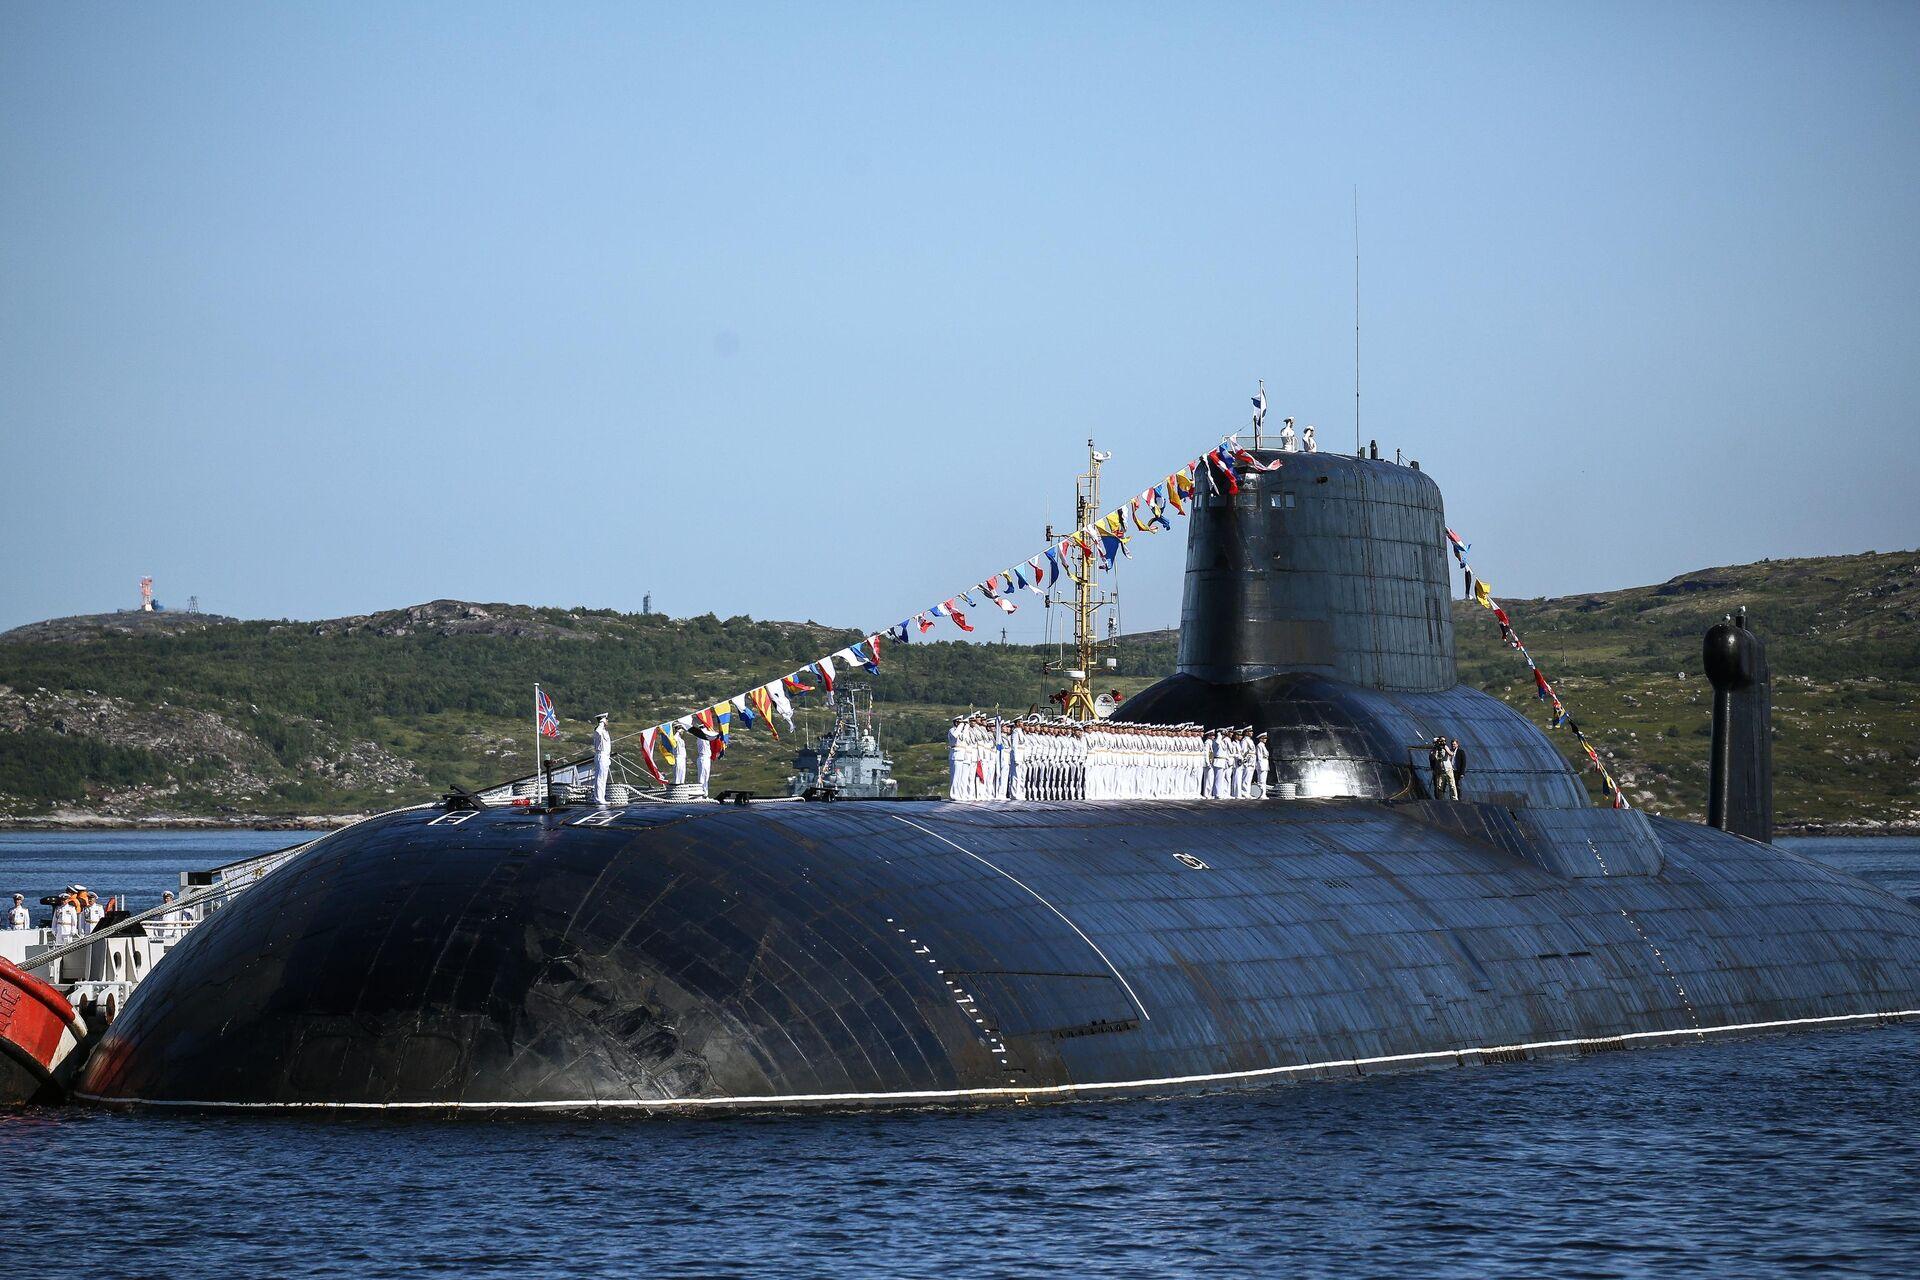 Тяжёлый атомный ракетный подводный крейсер стратегического назначения проекта 941 Акула ТК-208 Дмитрий Донской  - РИА Новости, 1920, 23.07.2021